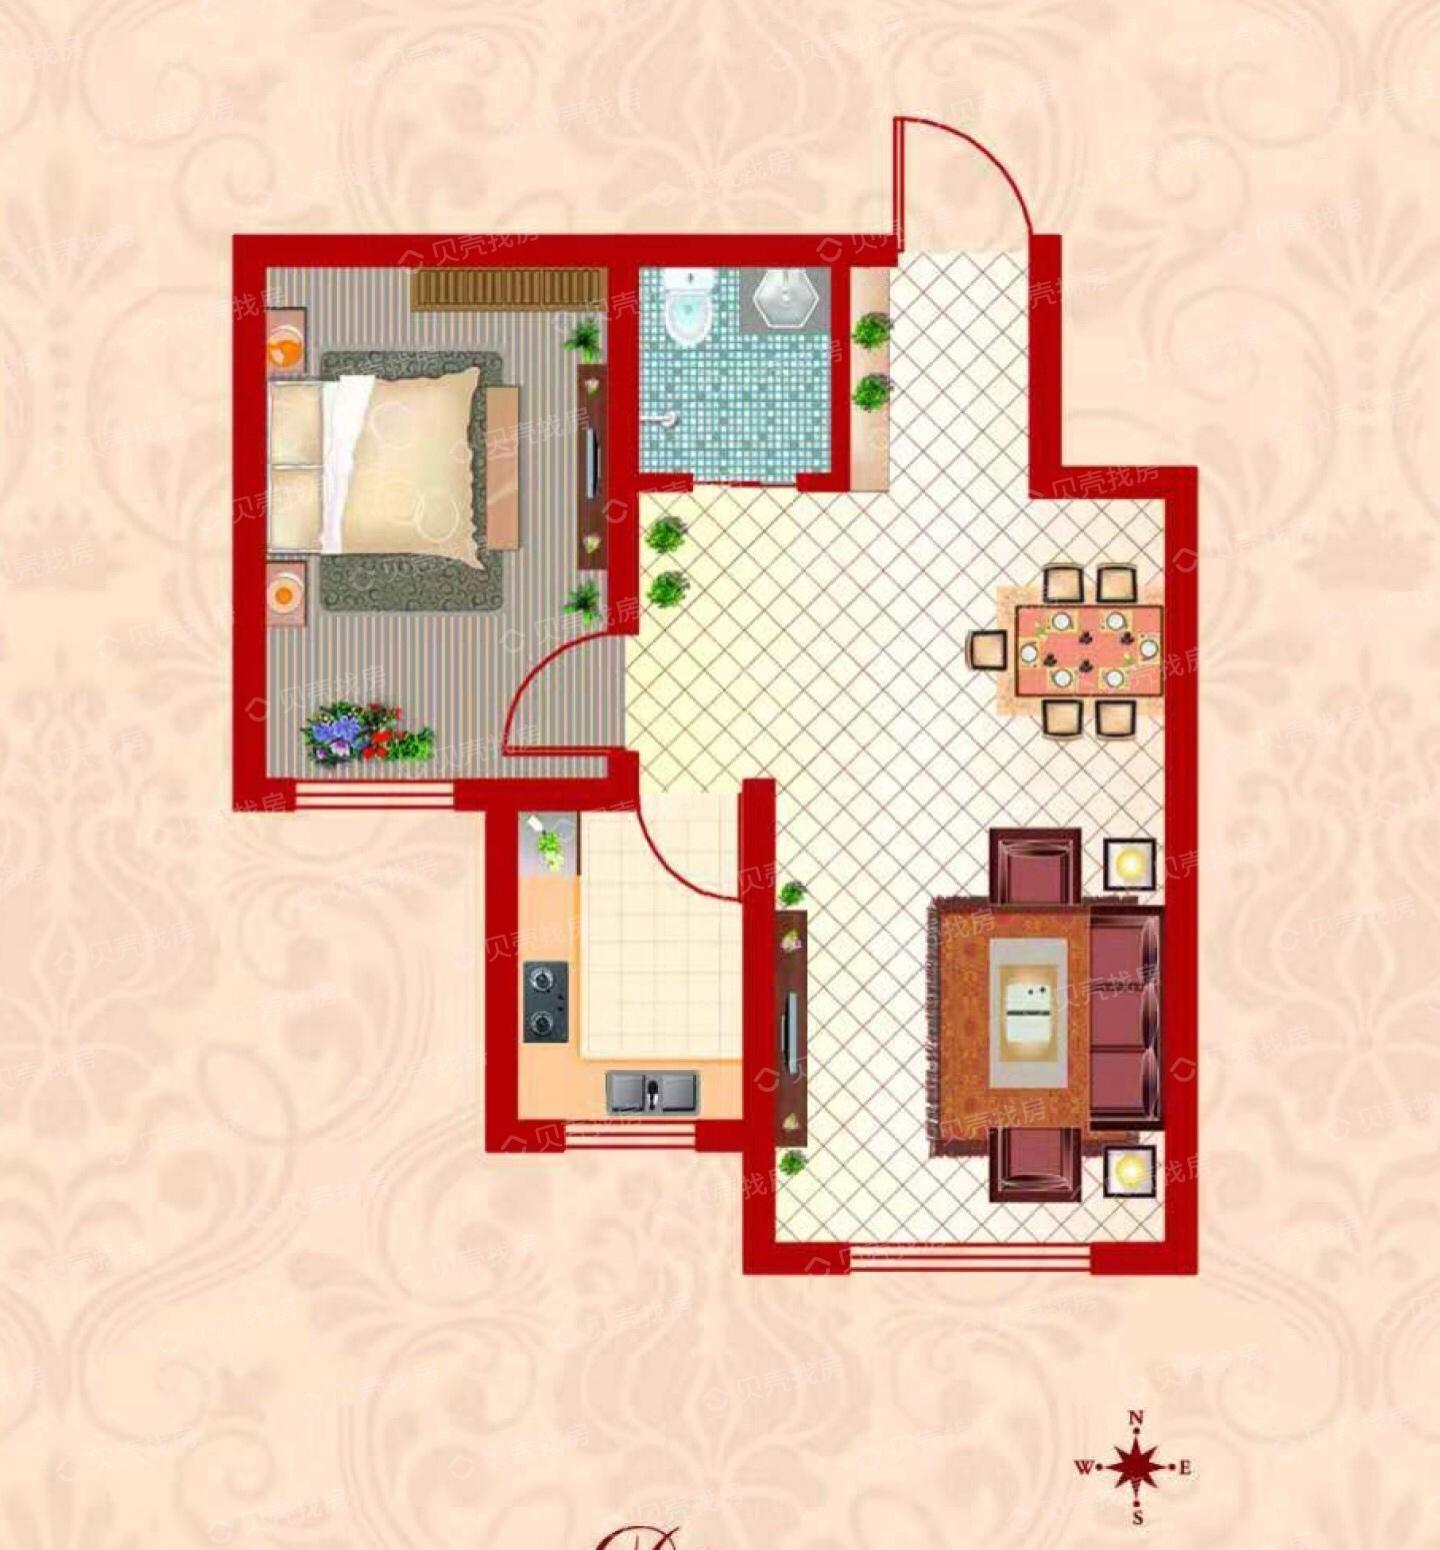 阁楼,楼梯口在窗户靠墙位置。楼梯怎么设计好看